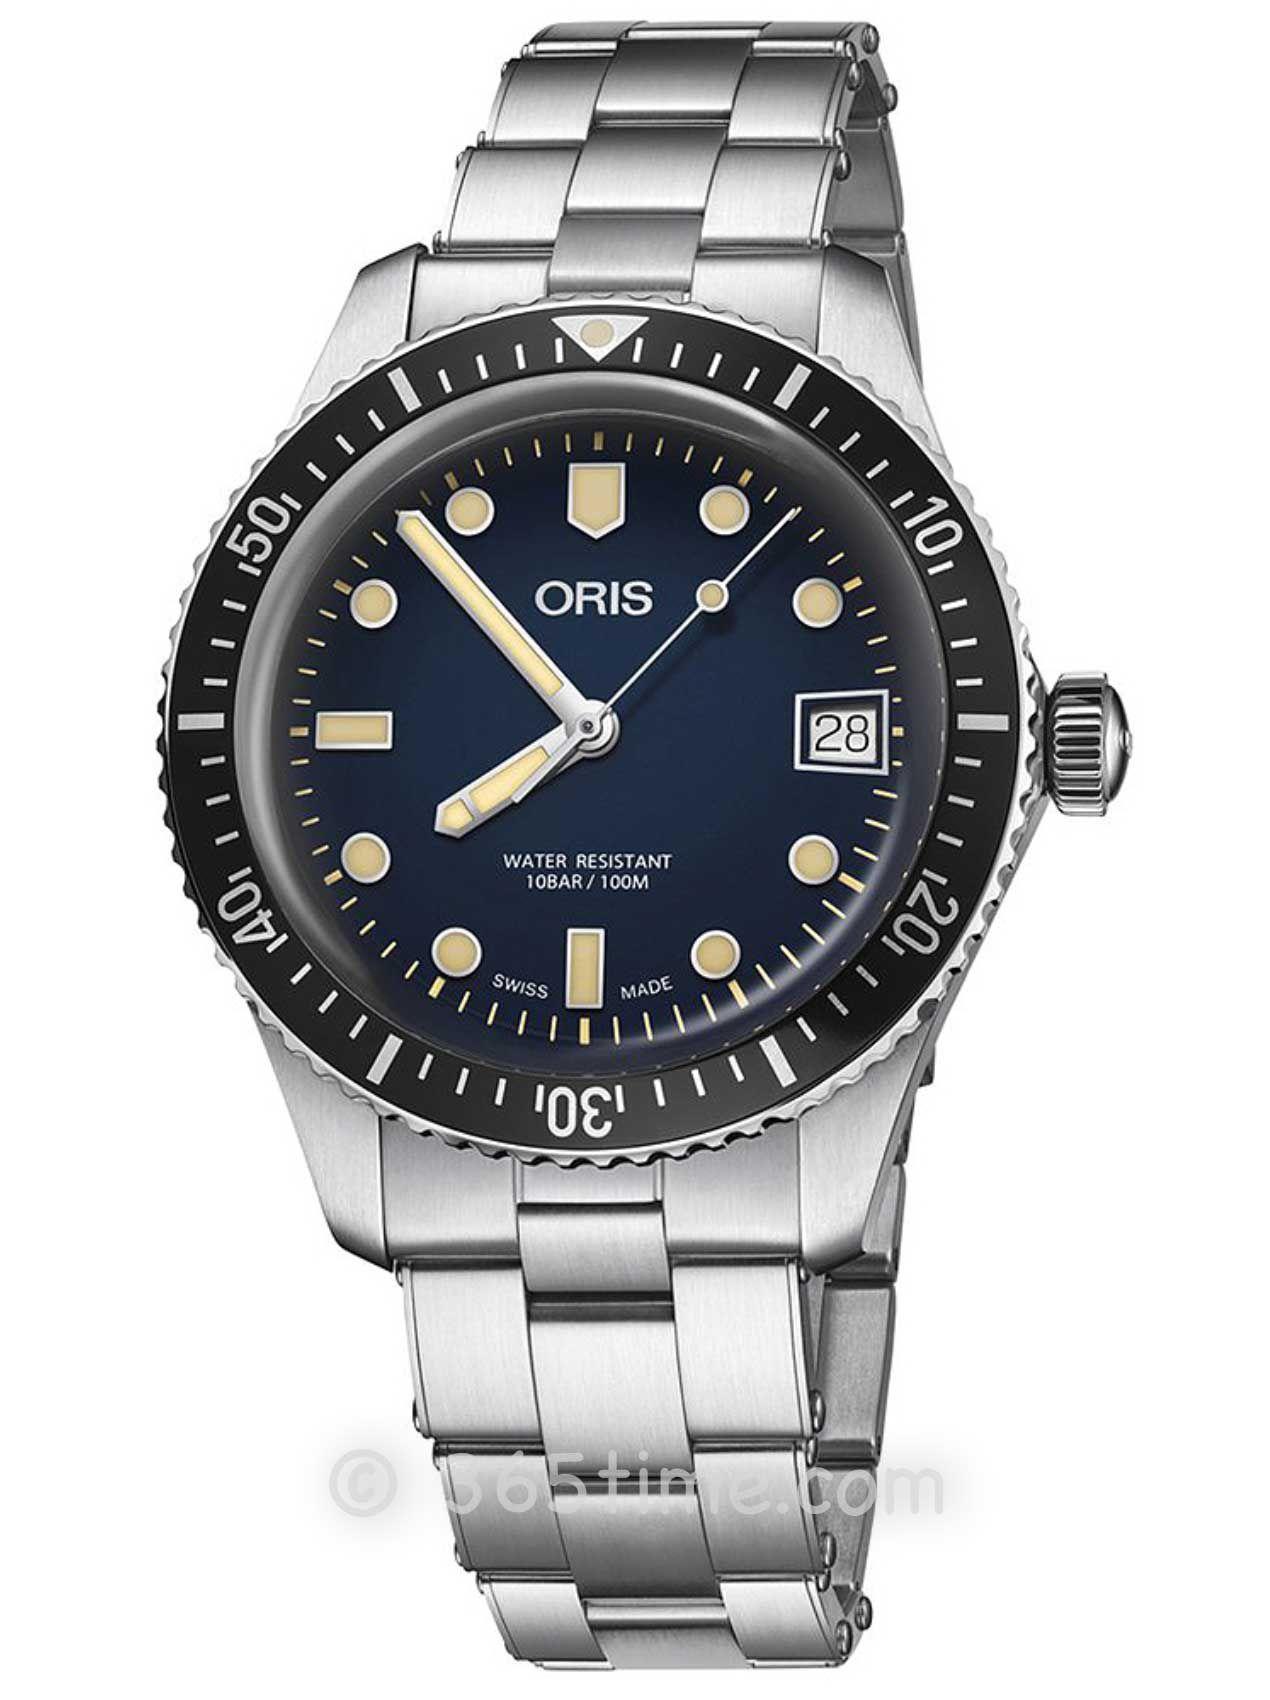 Oris豪利时潜水系列65年复刻版潜水腕表01 733 7747 4055-07 8 17 18